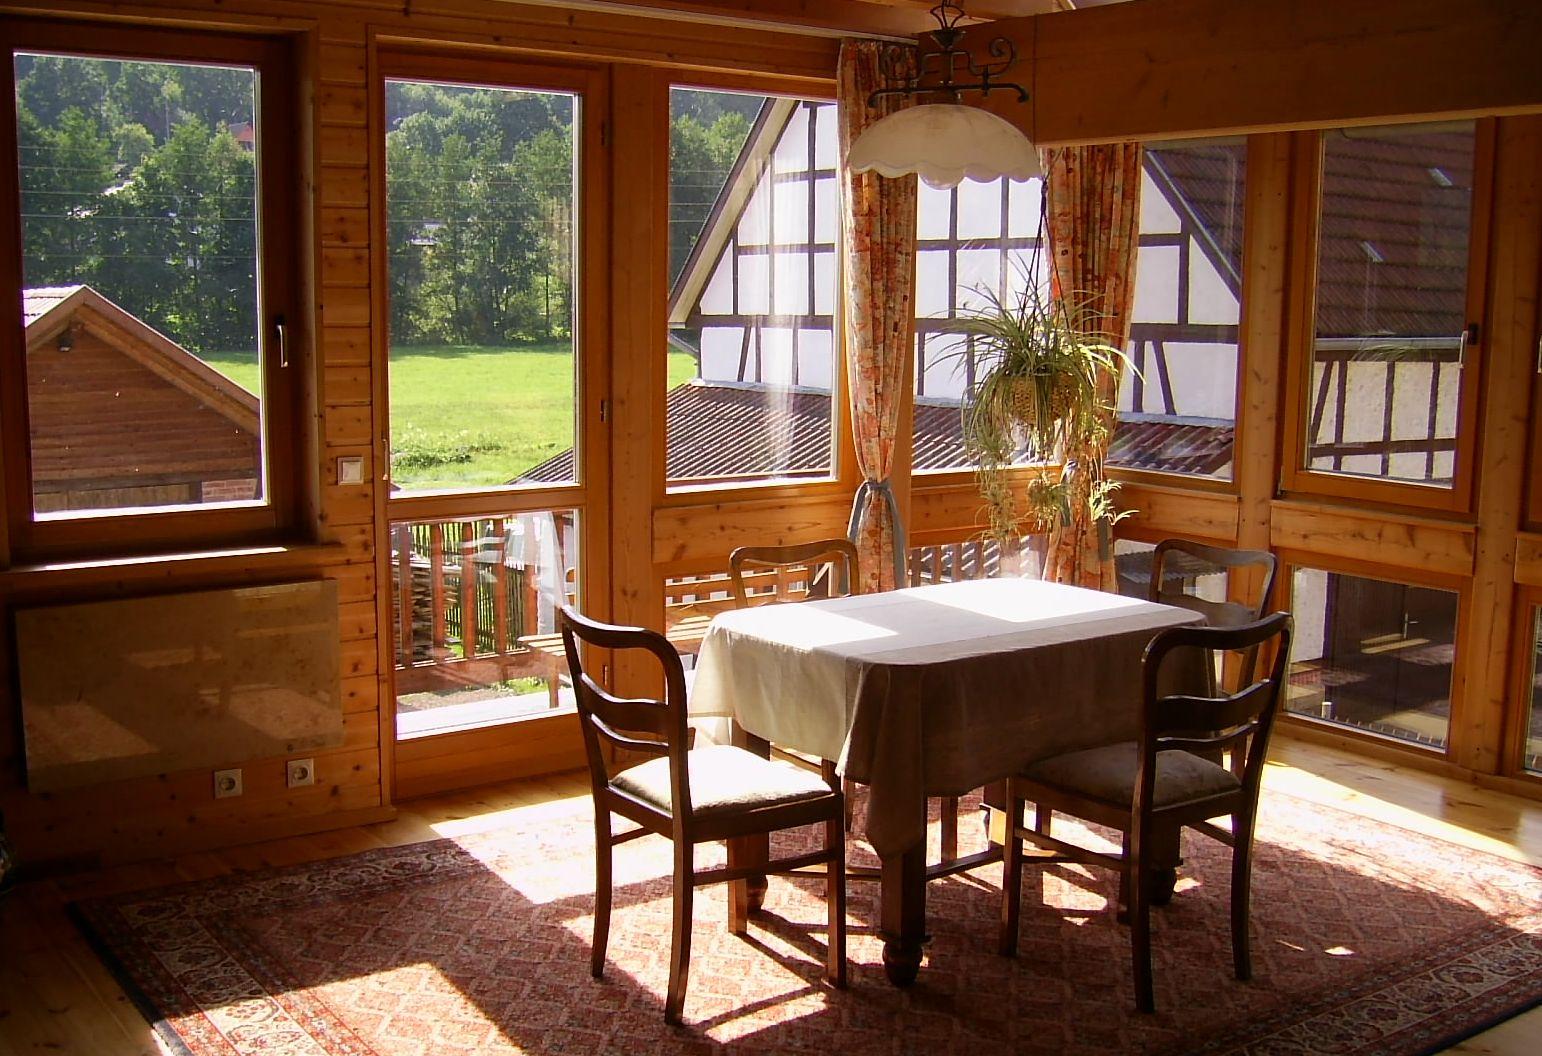 Ausreichend fenster auf der sonnenseite bieten licht und w rme - Fenster zieht es rein ...